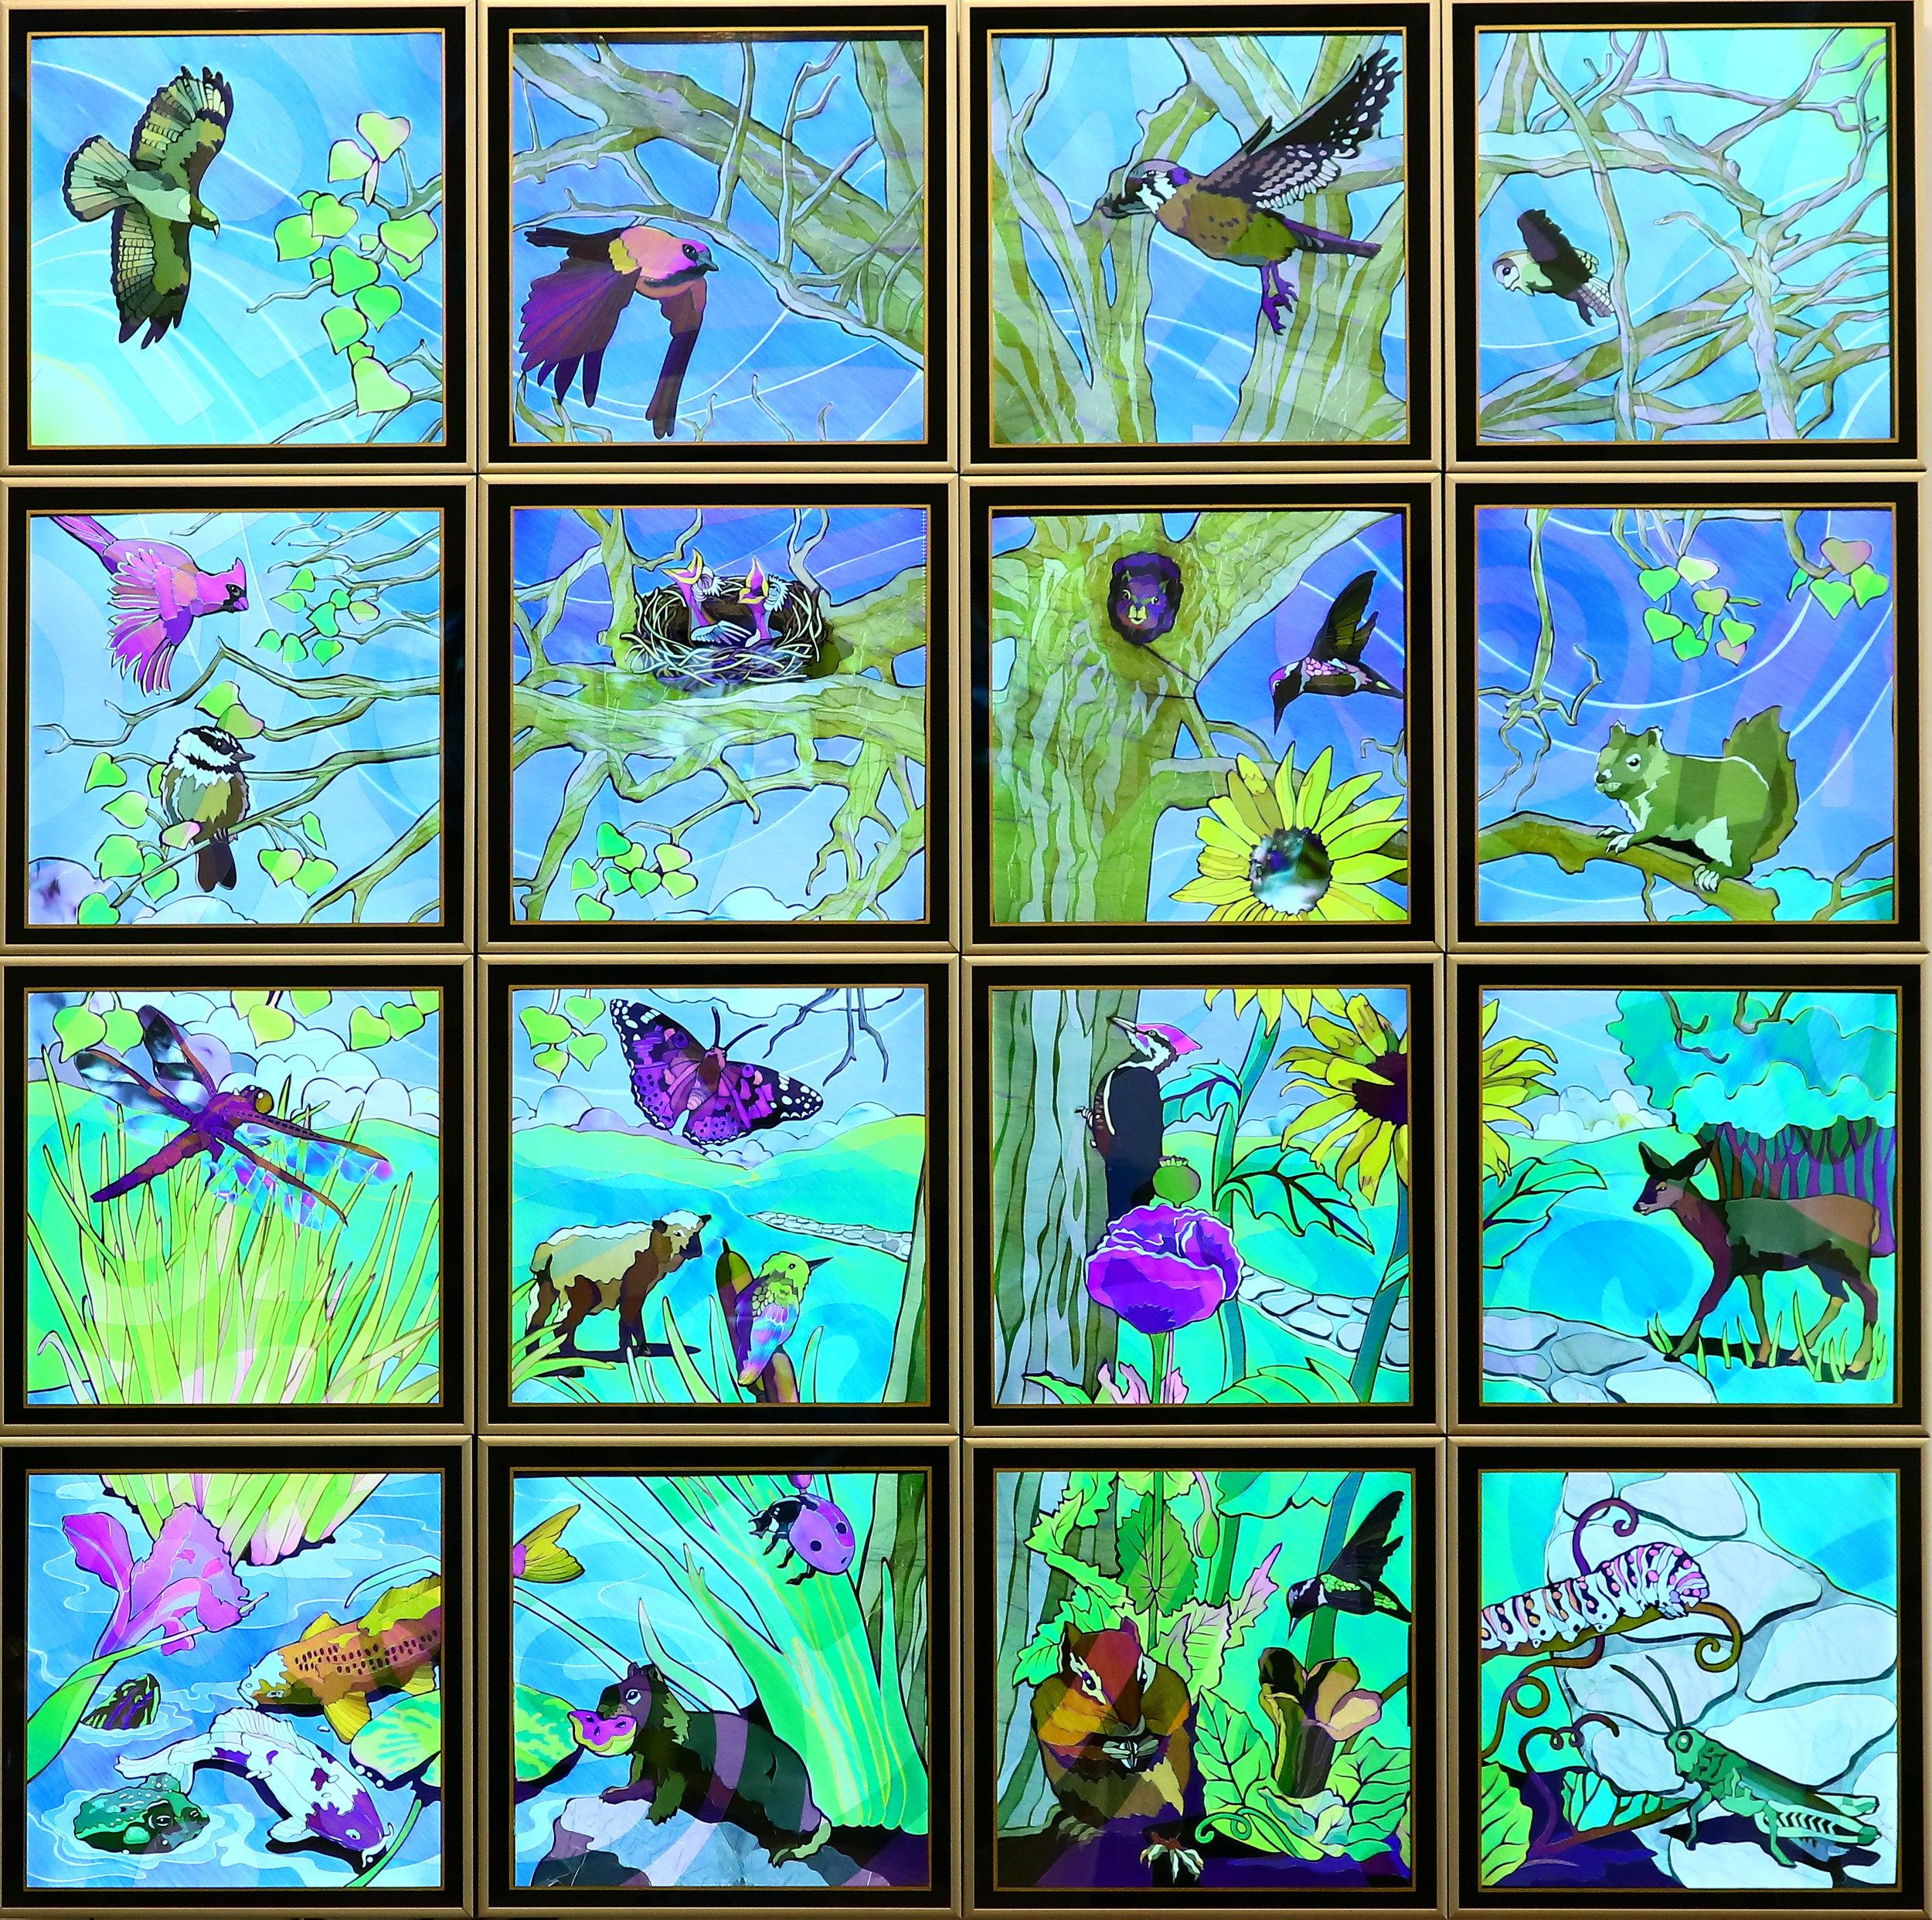 95024-Tapestry 1 Crop.jpg